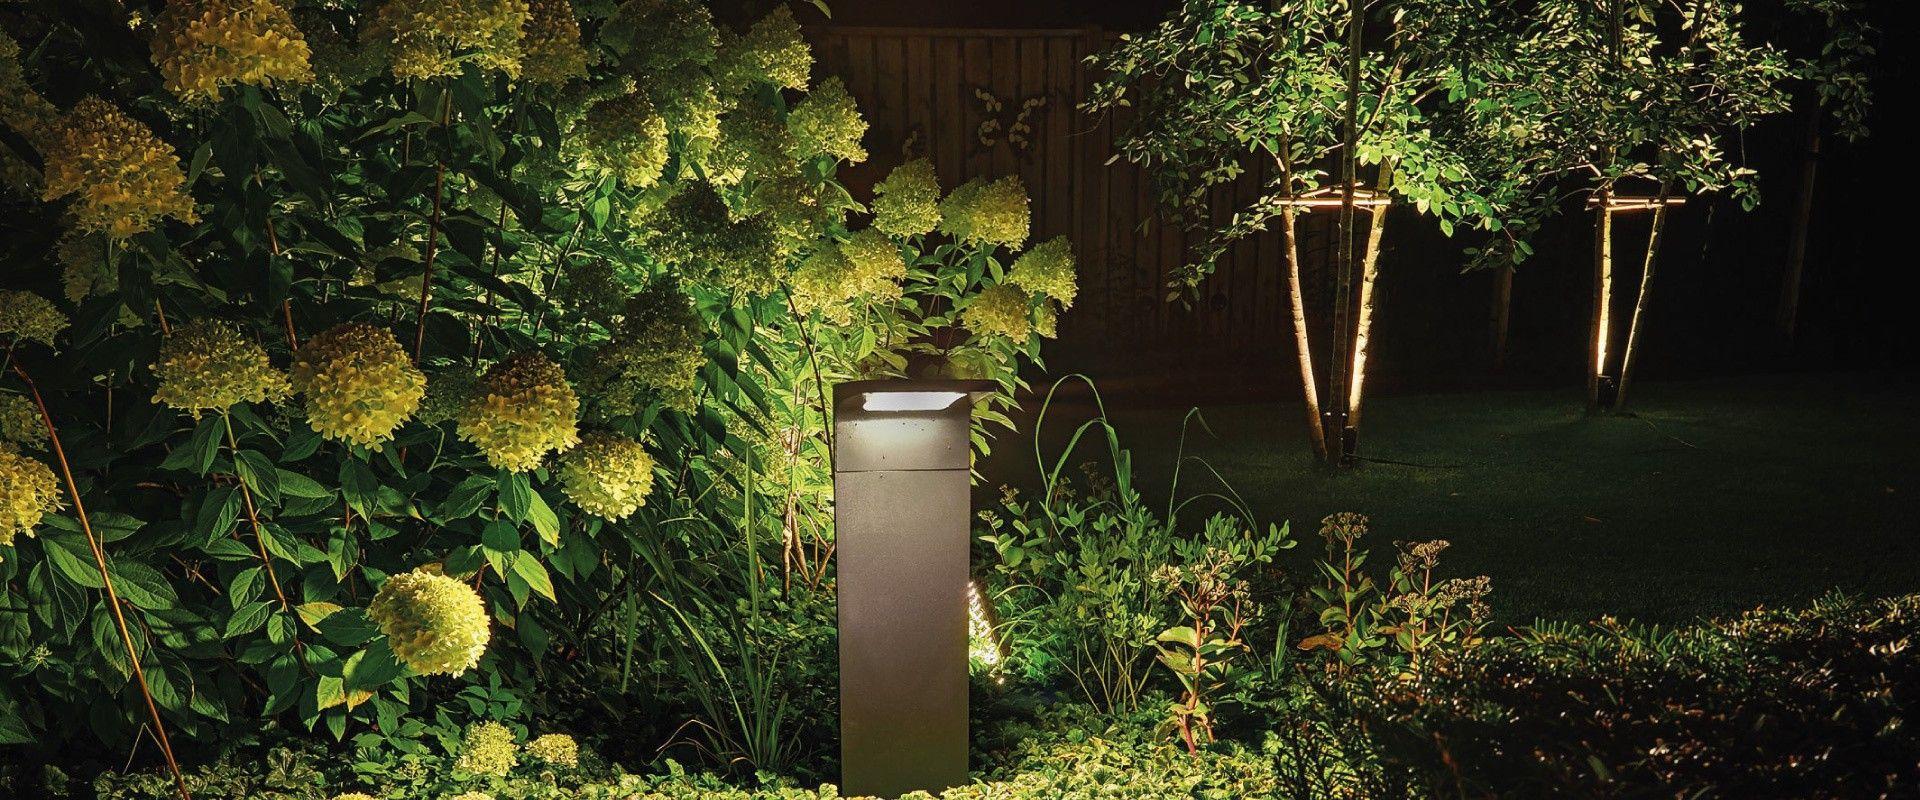 Sus Deco - LED verlichting tuin